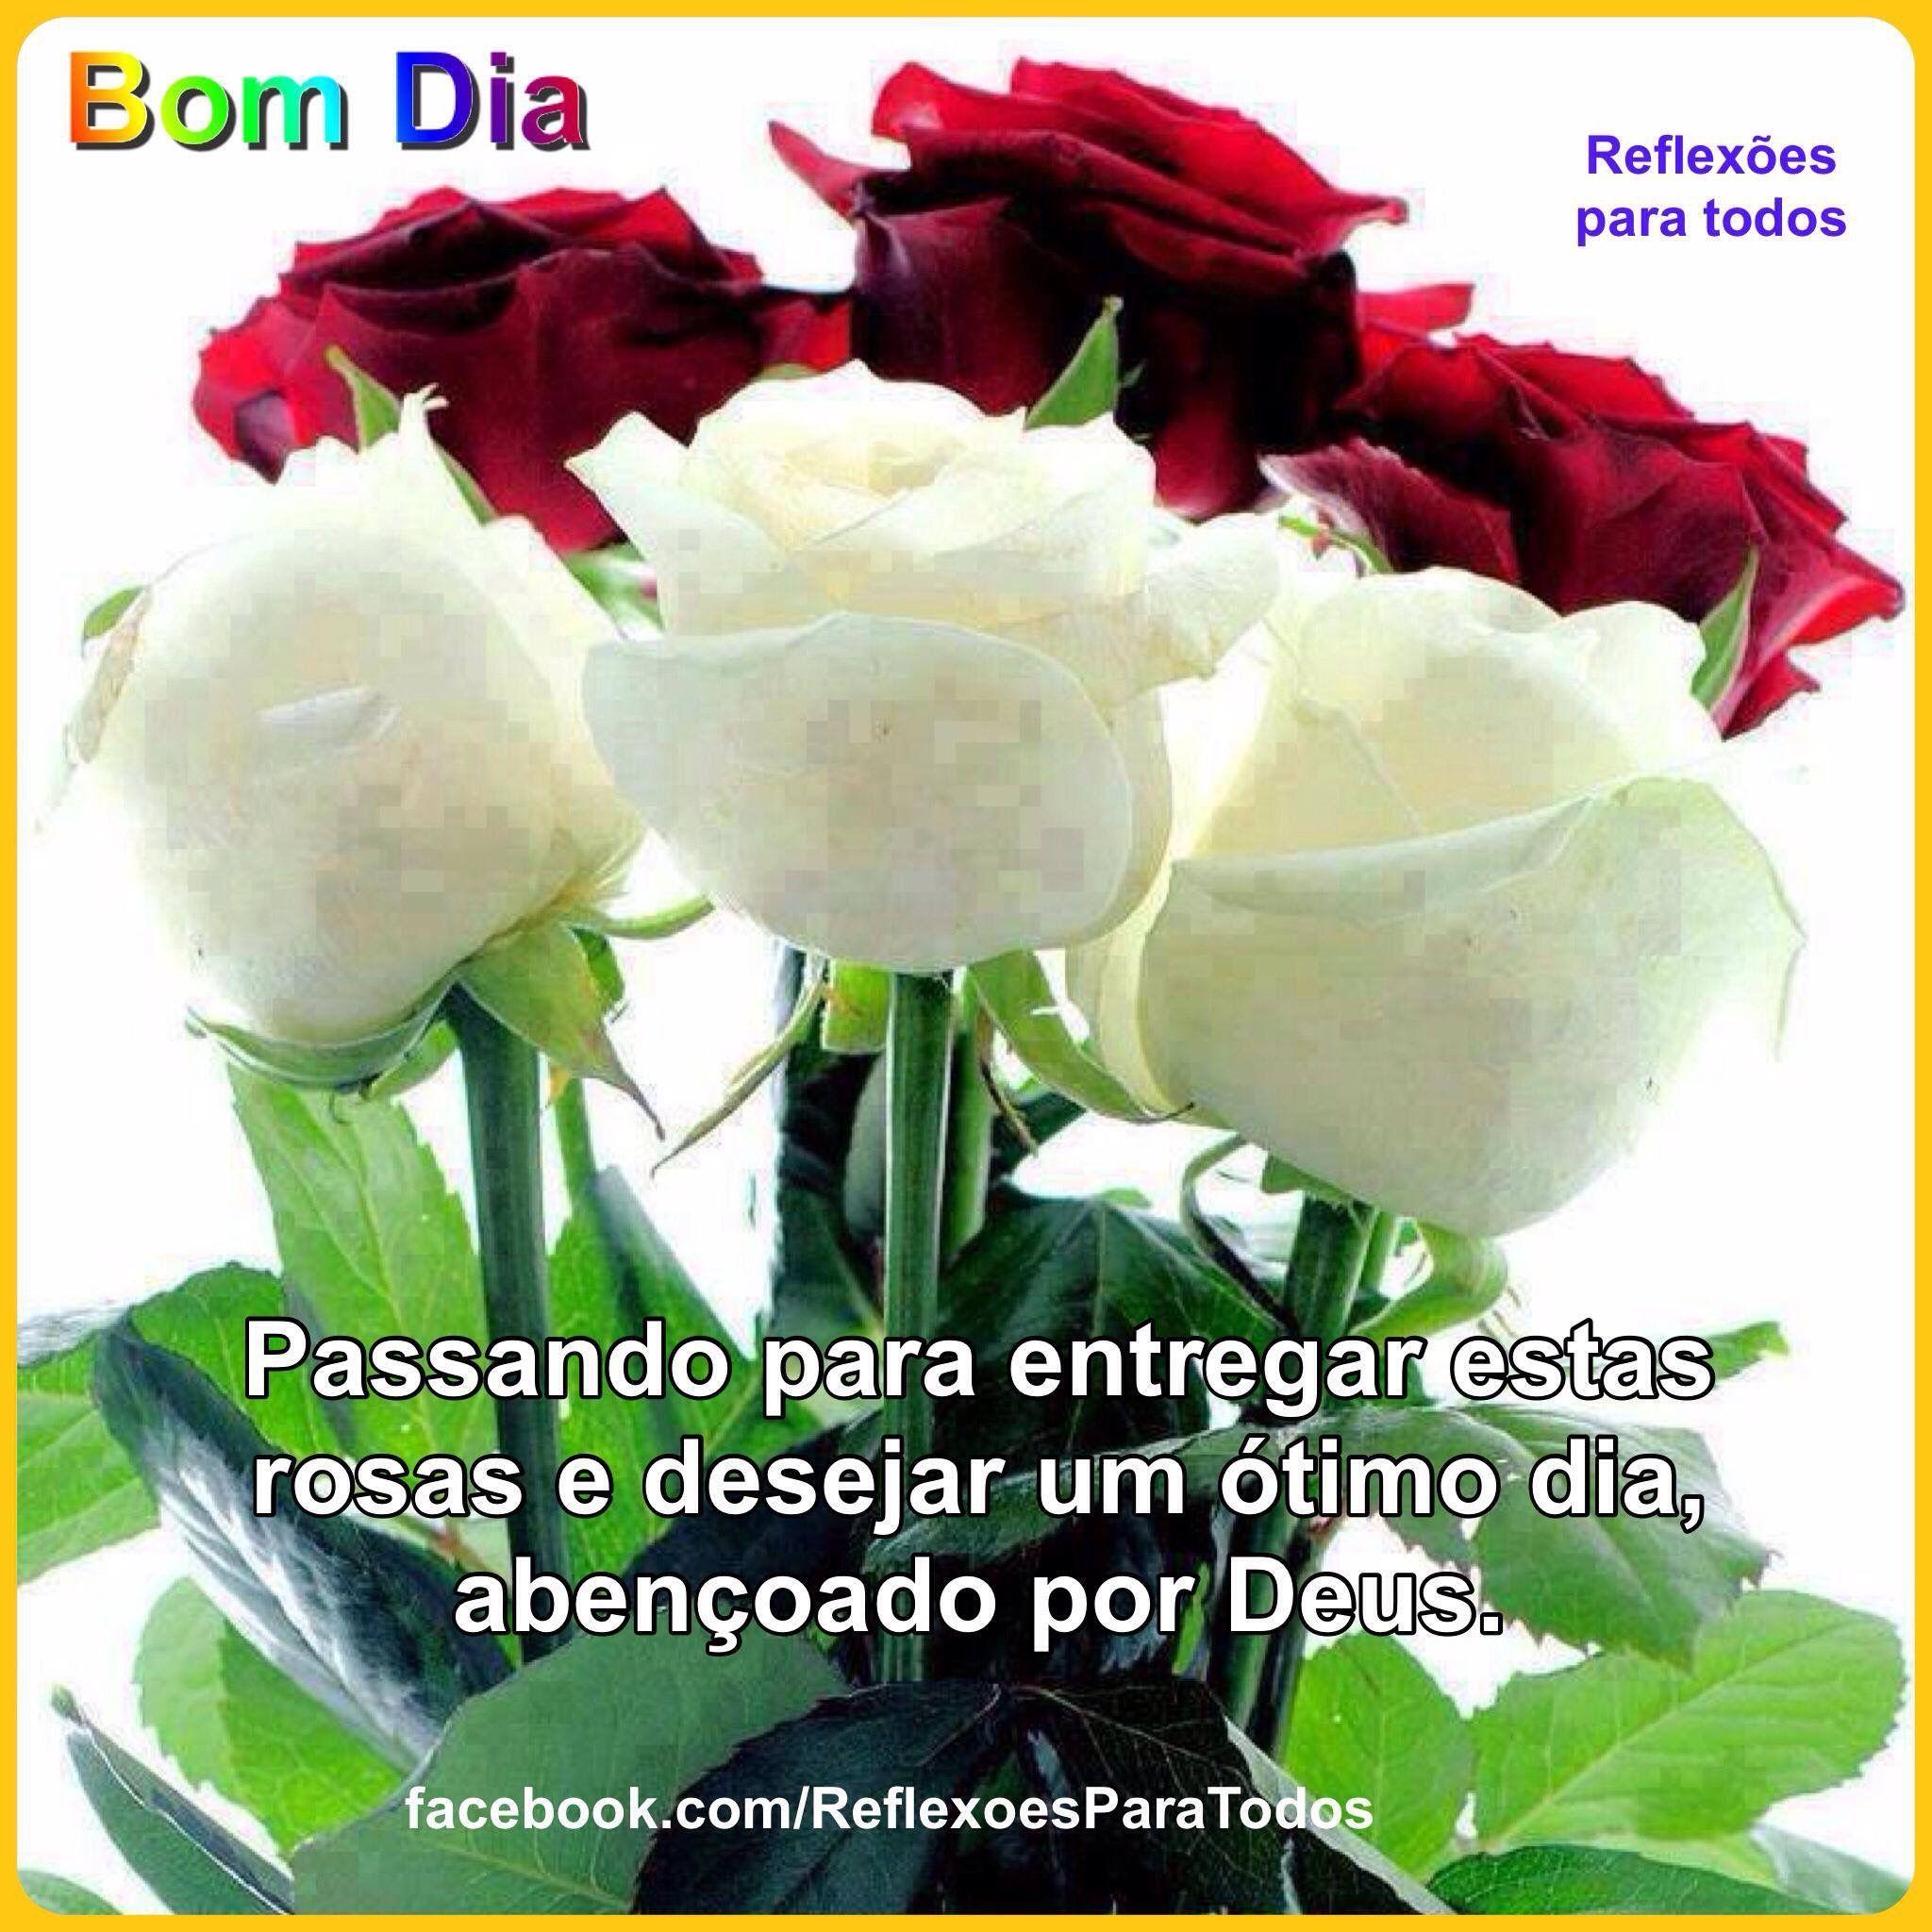 Bom Dia Acesse Esta Mensagem E A Reflexão Colha Mais Flores E